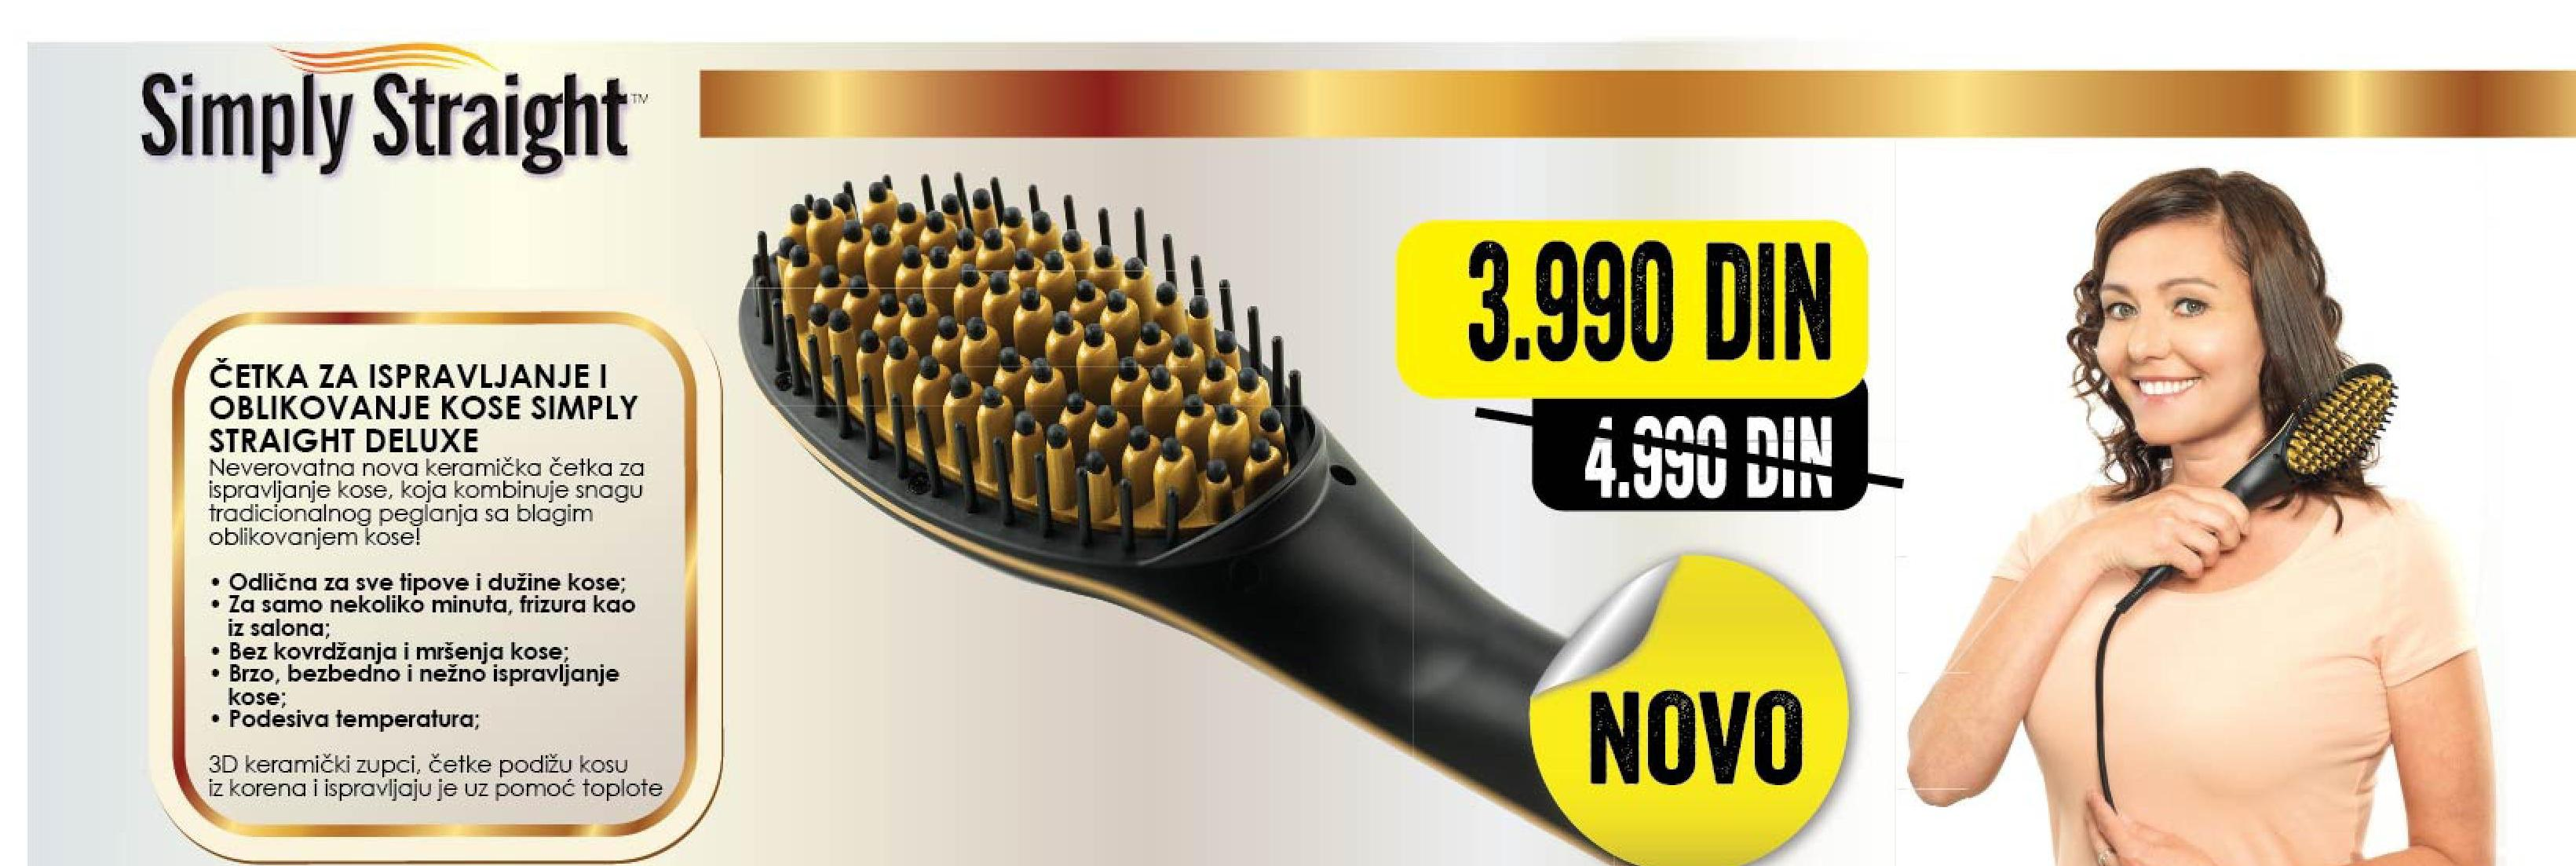 Četka za ispravljanje kose